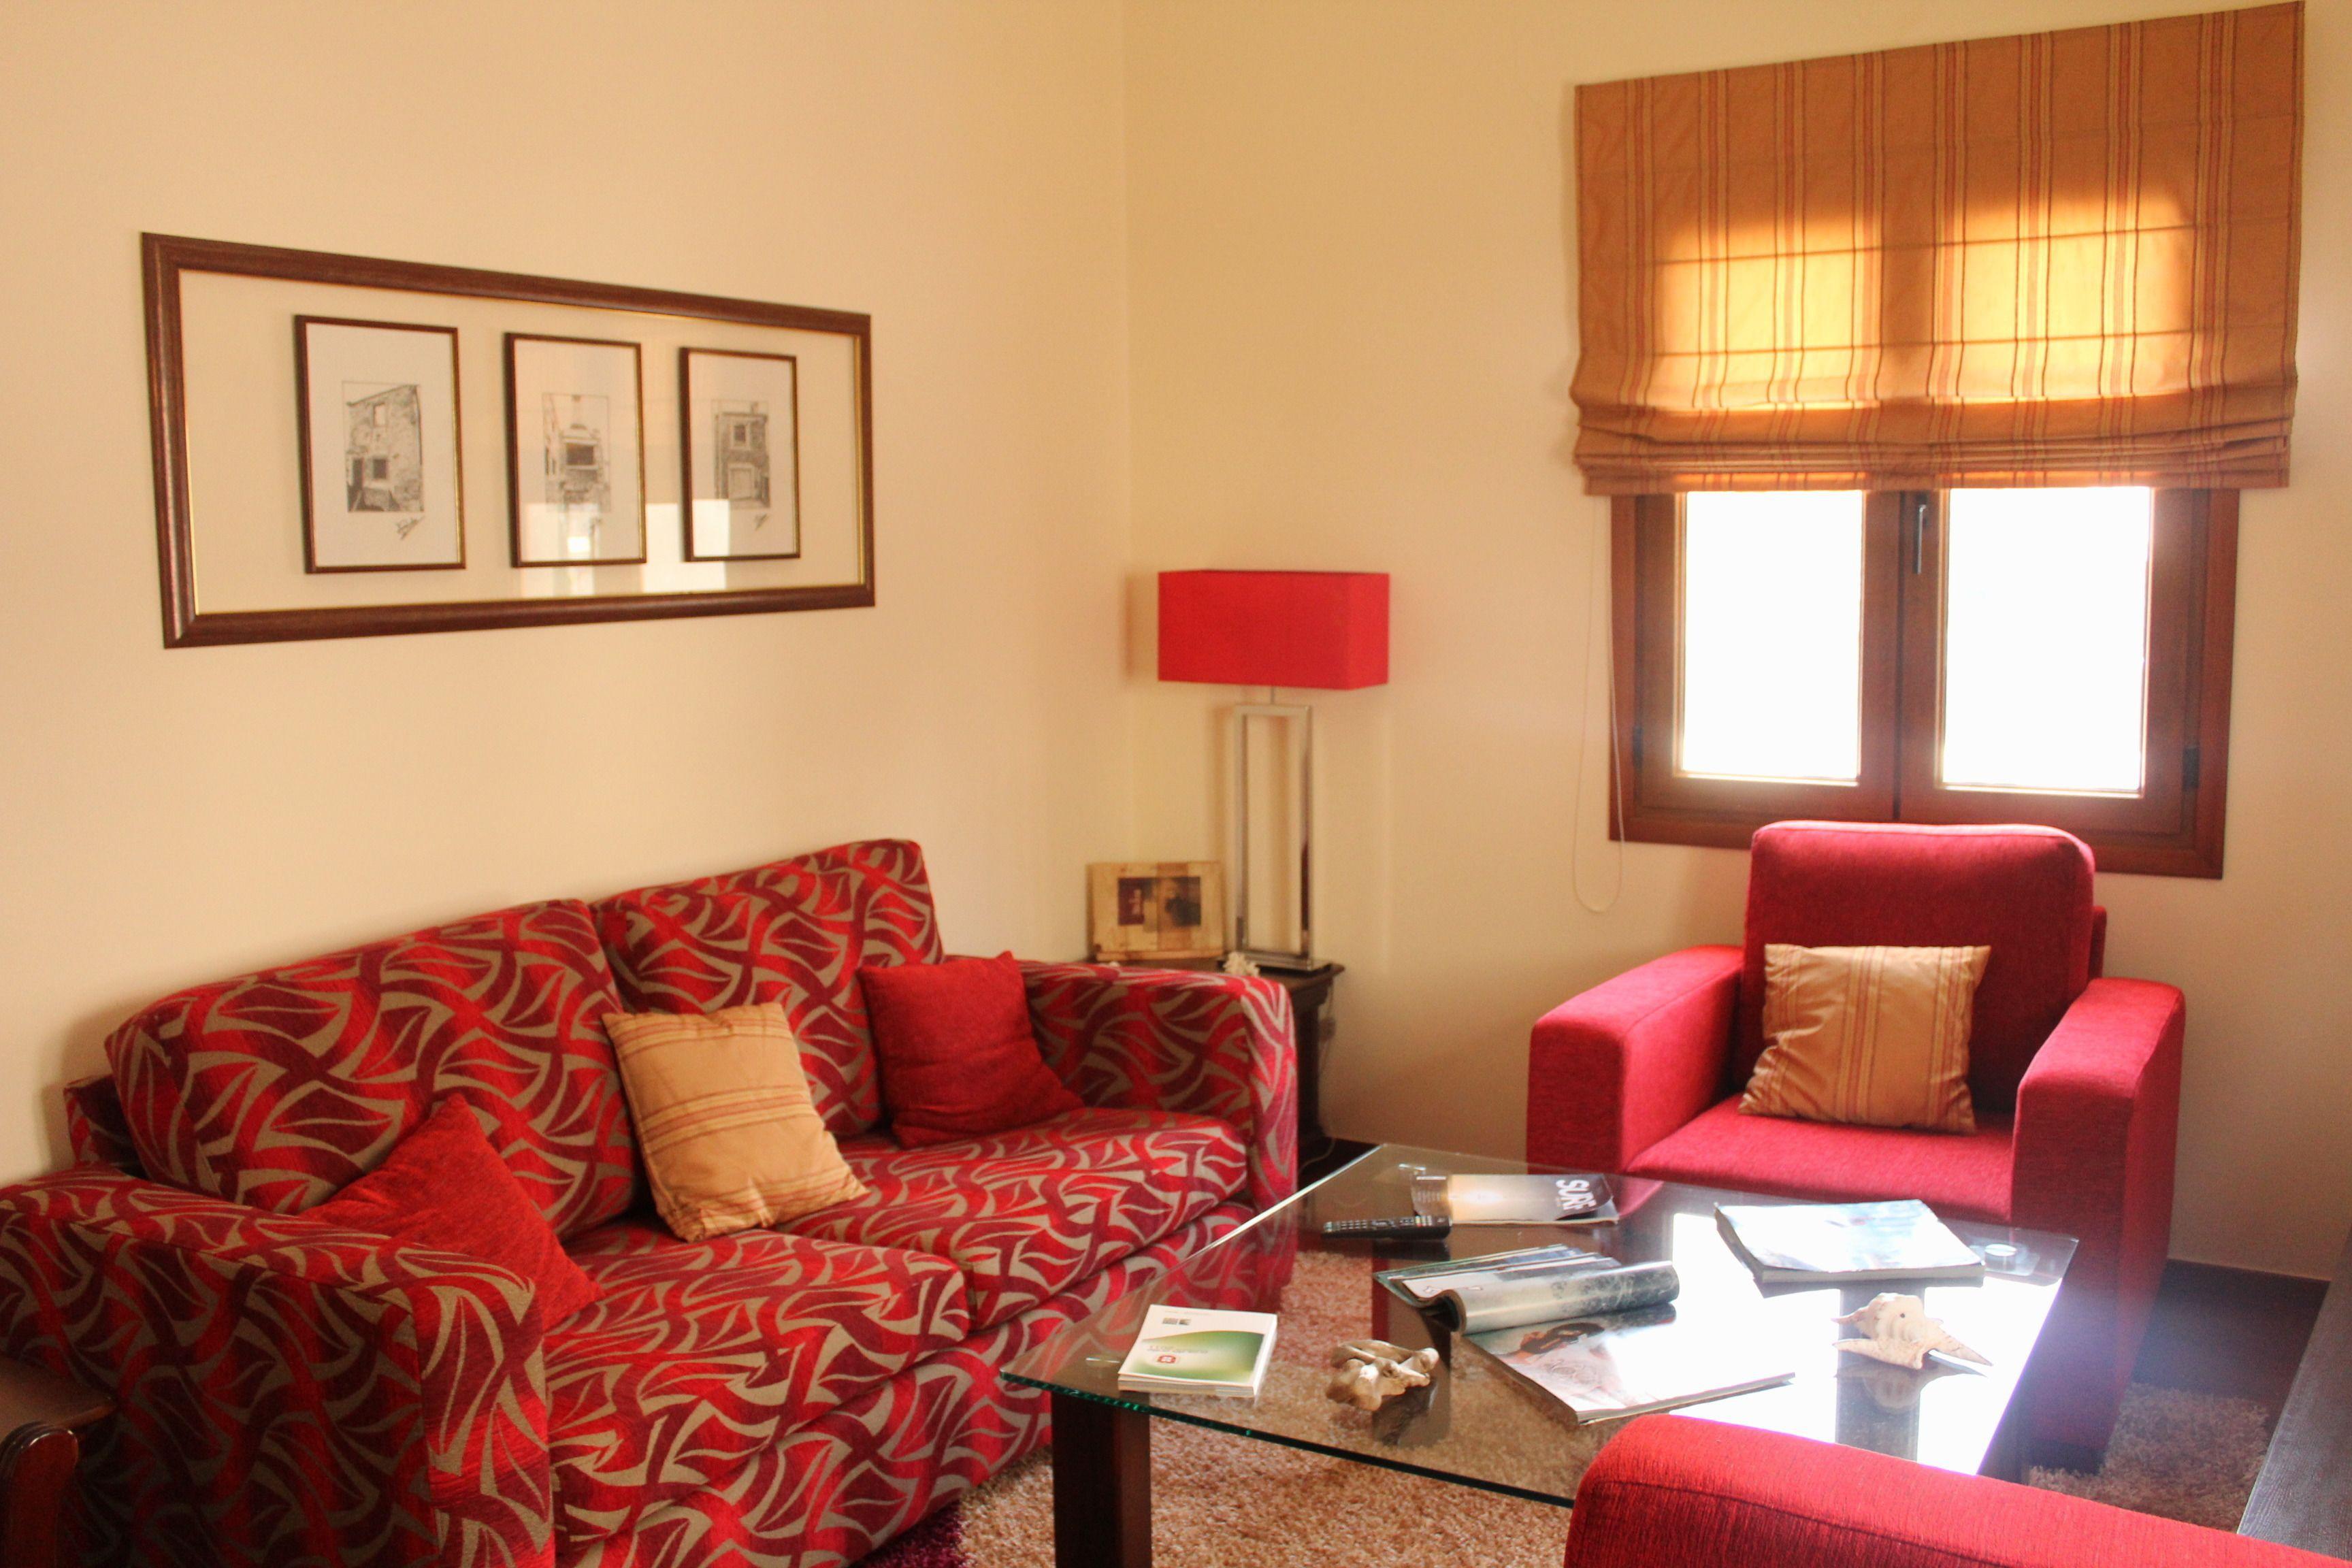 Courtesy of Hotel Vila Bela / Expedia.com